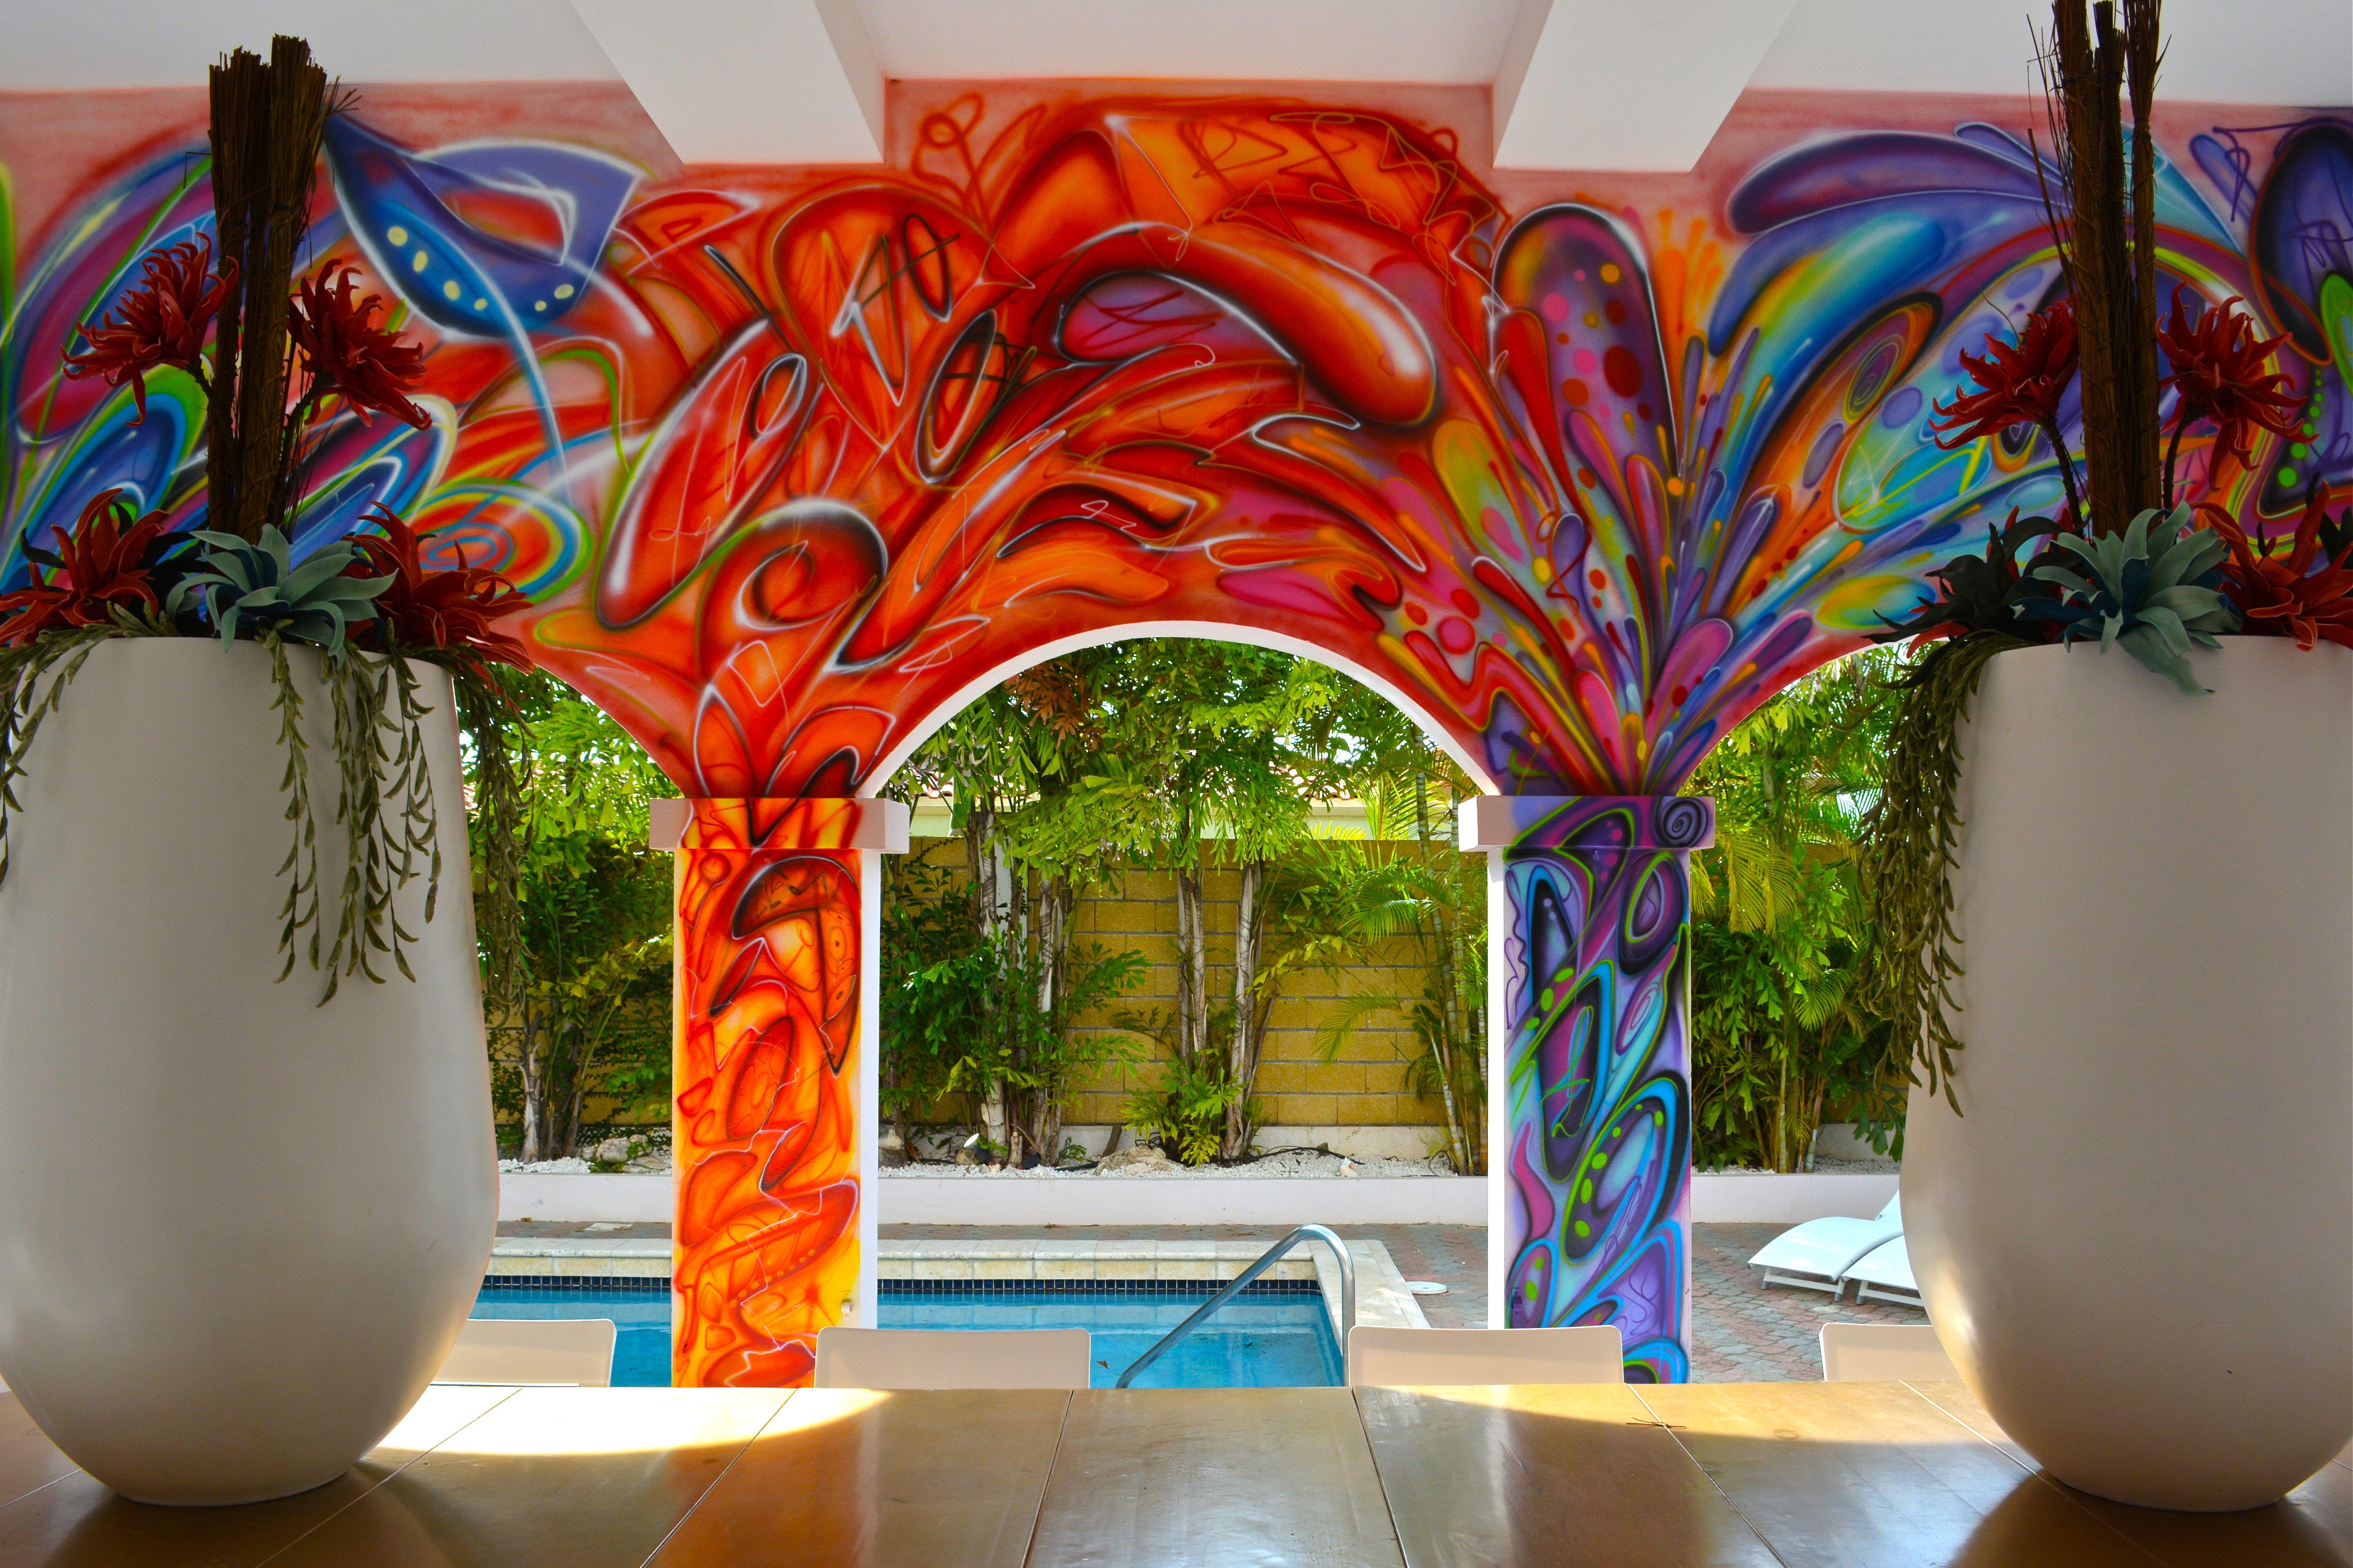 Graffiti je v obecném smyslu druh výtvarného projevu pracující ve veřejném prostoru technikou nanášení barev, často ve formě spreje nebo fixy, případně škrábání, leptání. I když v některých případech graffiti zohyzďují vnější zdi budov všelijakými hesly a nelibými motivy, neznamená to, že tento způsob kreslení a barvení stěny nelze převést do umění, provádí-li se s talentem může vzniknout nesčetné množství nápaditých interiérů.  Související články Hra barev HODINY PRO KAŽDÉHO…